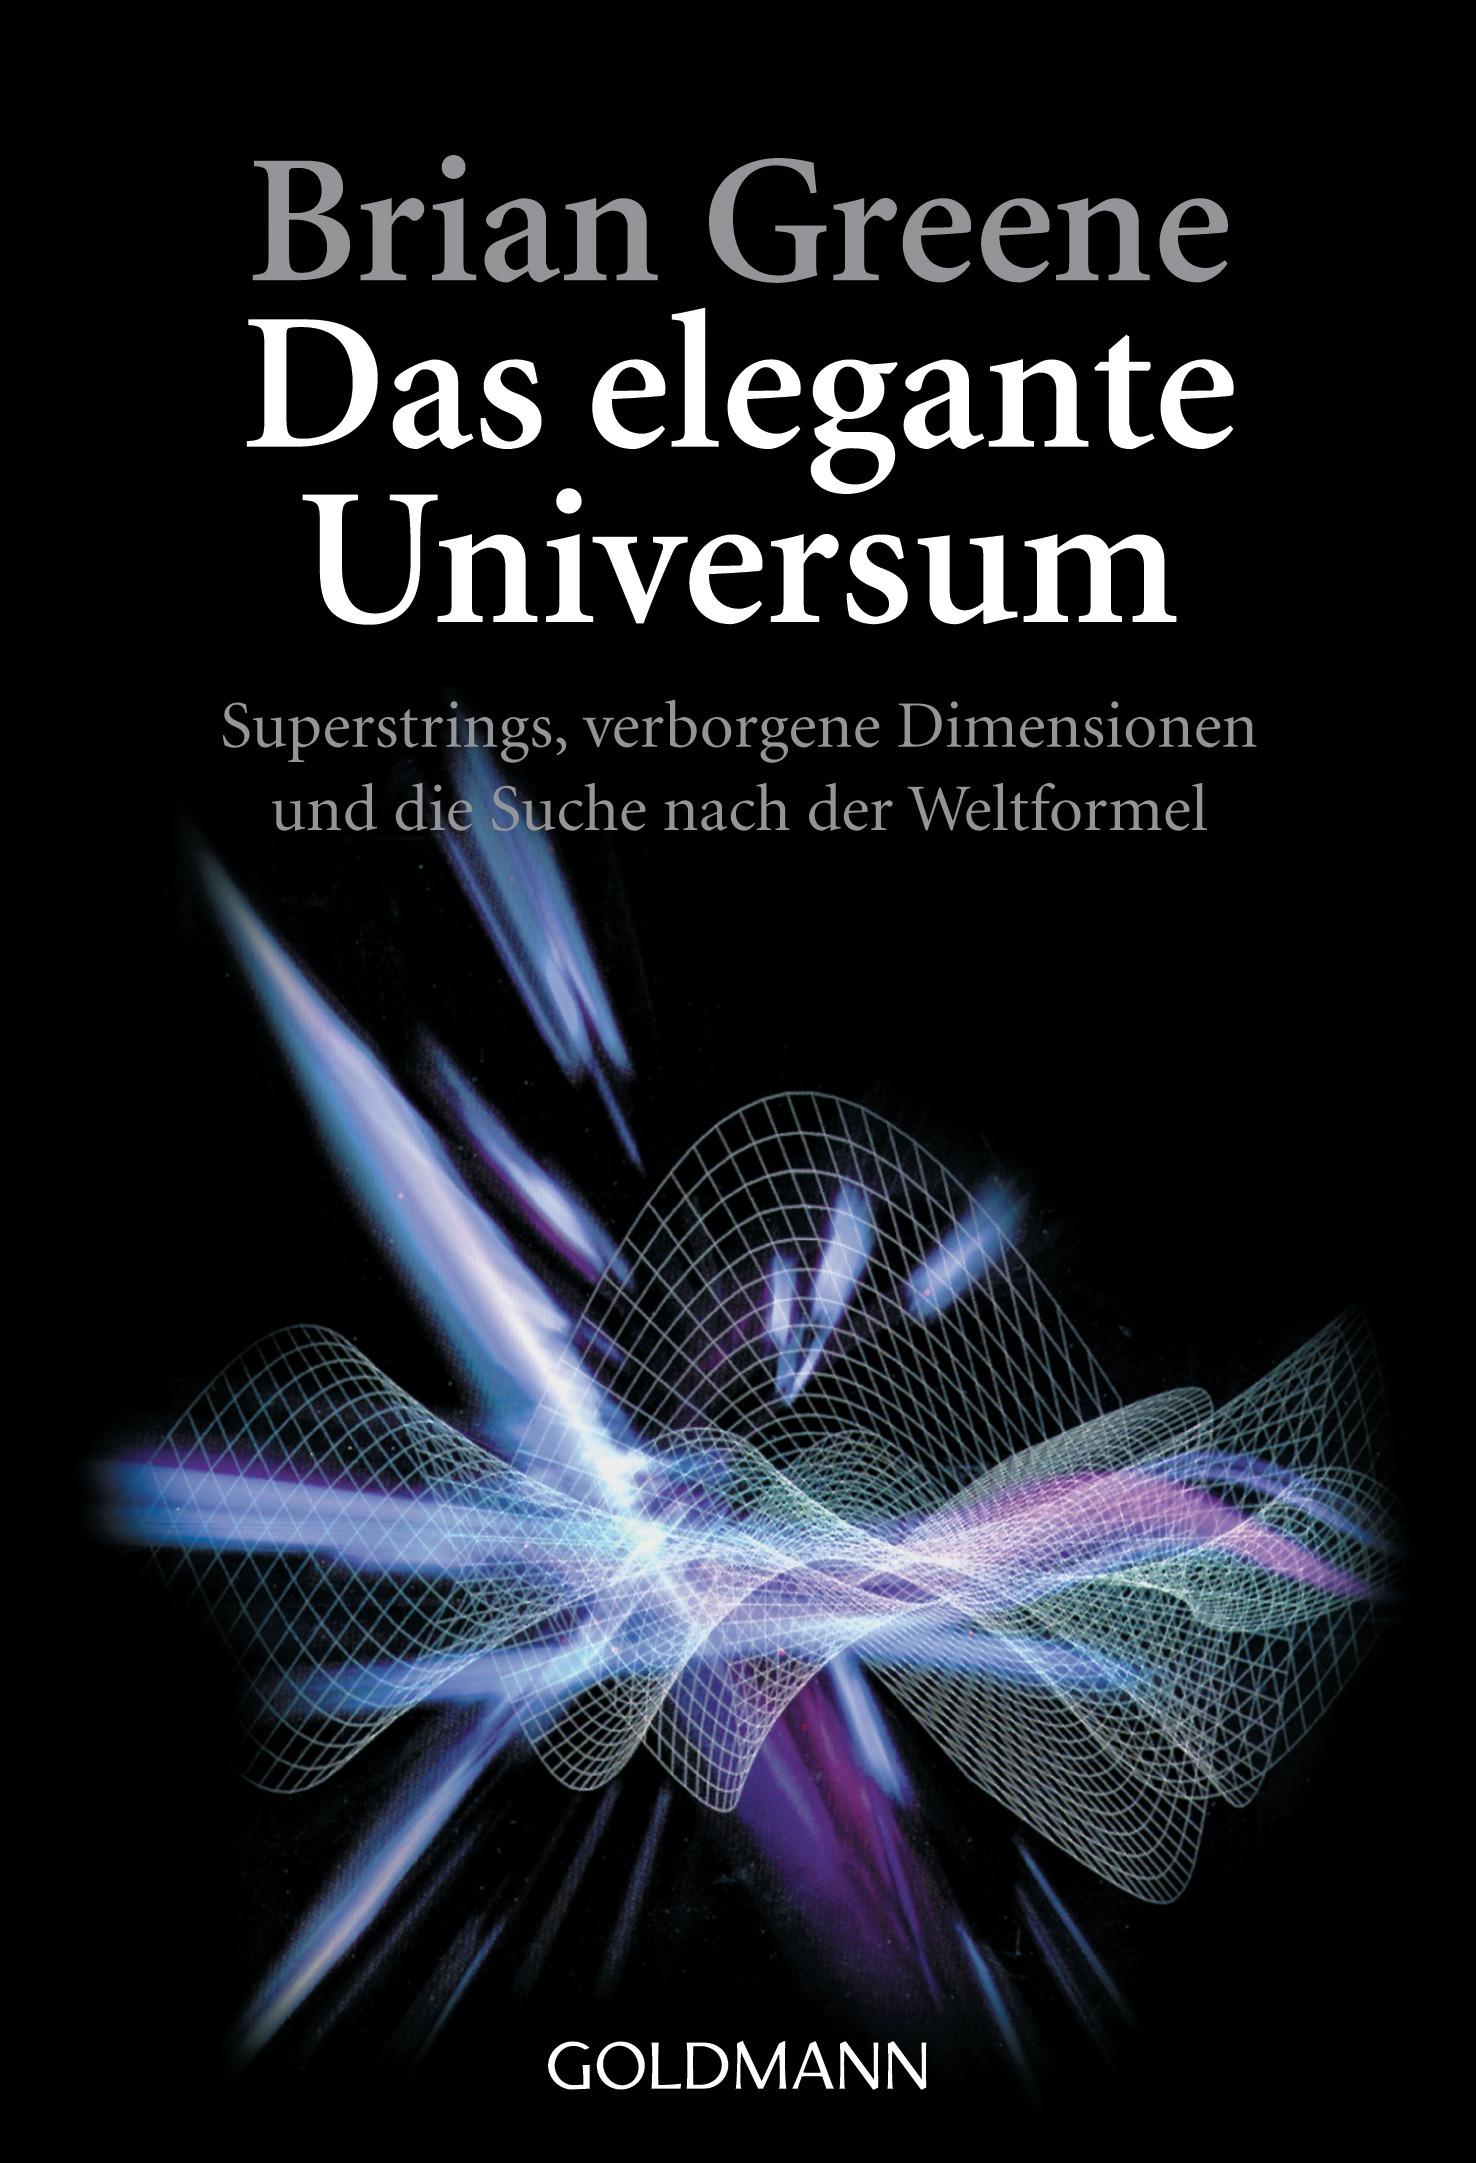 Das elegante Universum: Superstrings, verborgene Dimensionen und die Suche nach der Weltformel - Brian Greene